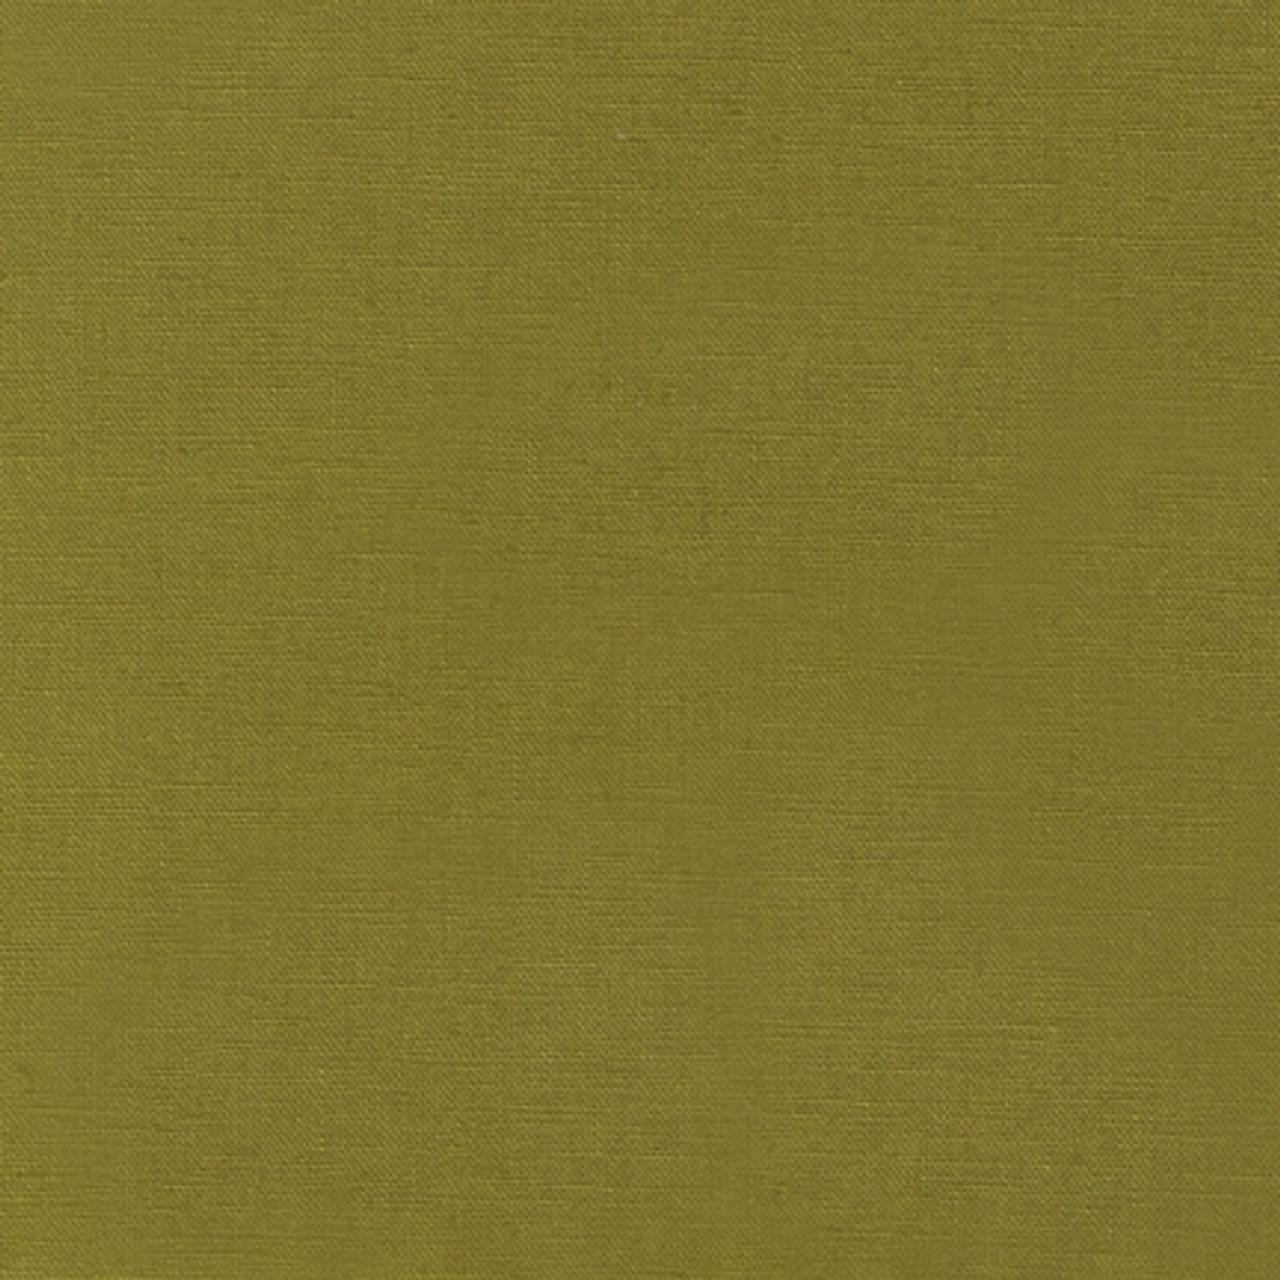 Essex Linen - Jungle